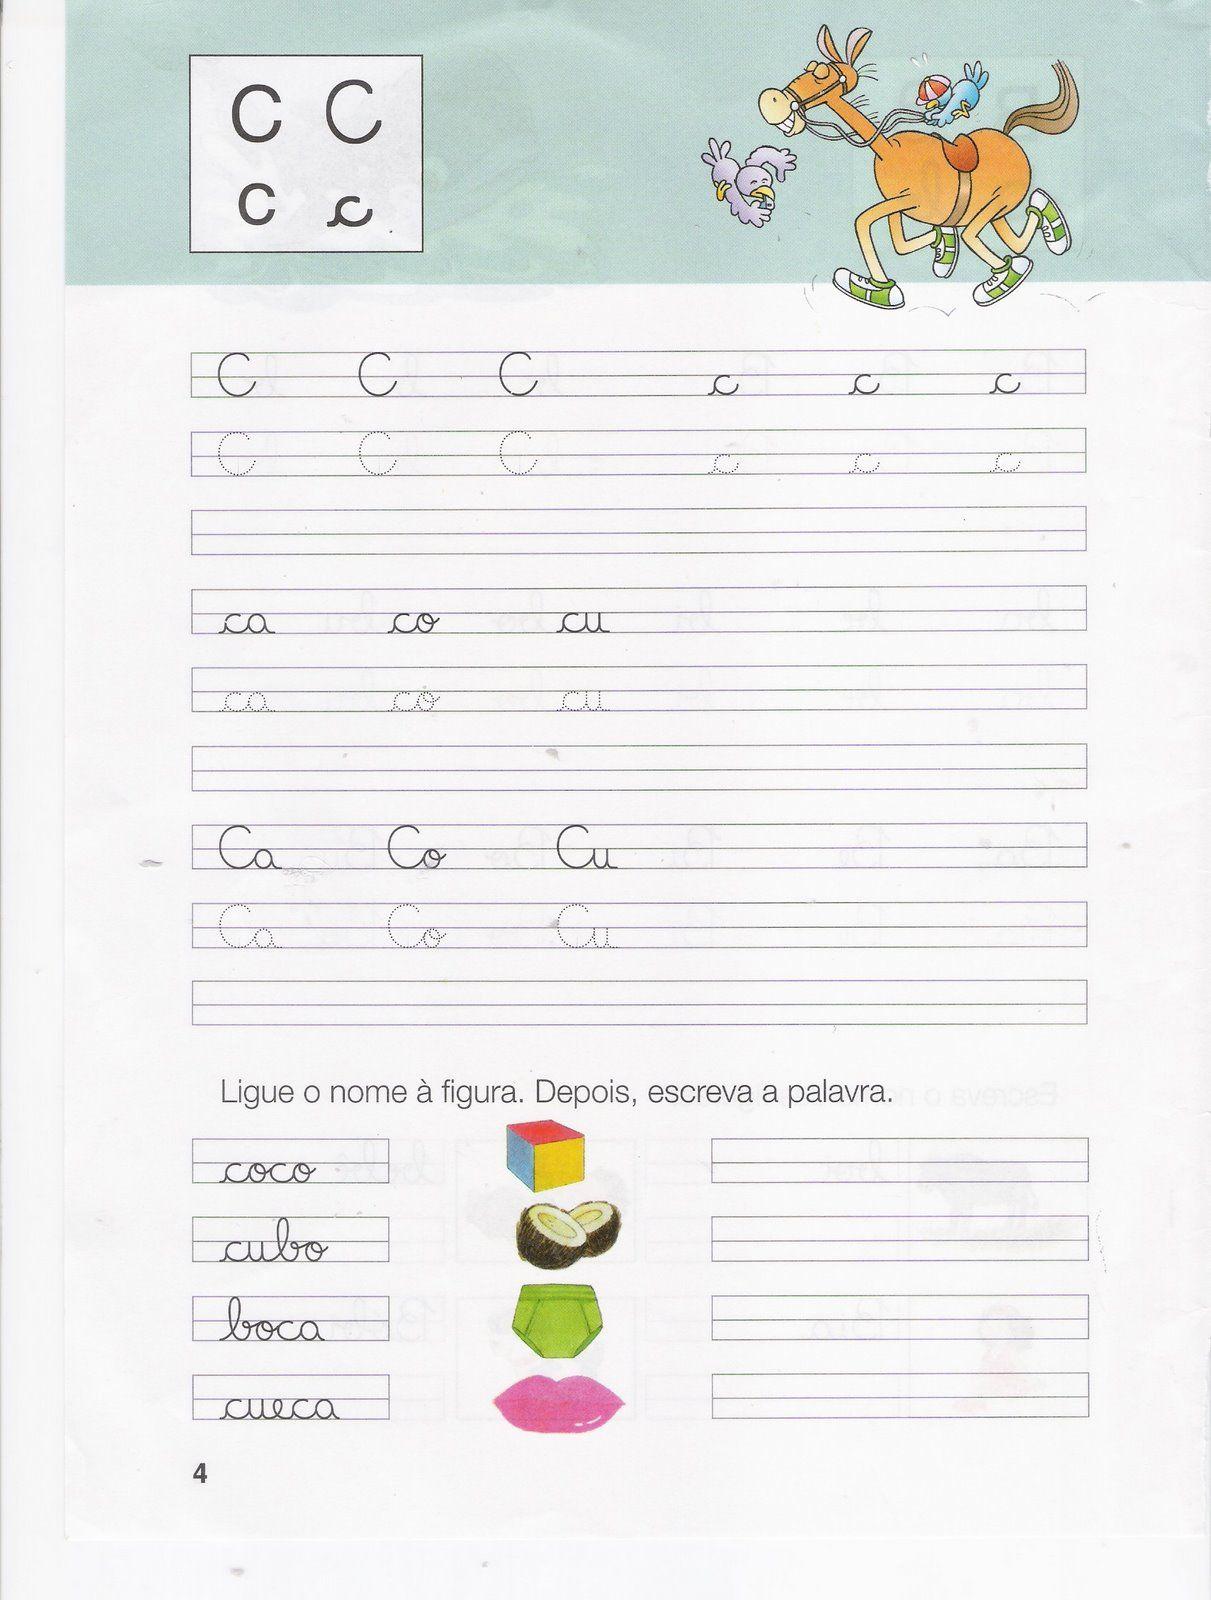 Fichas de caligrafia: Letras B, C, D, - Atividades Educativas | Neid